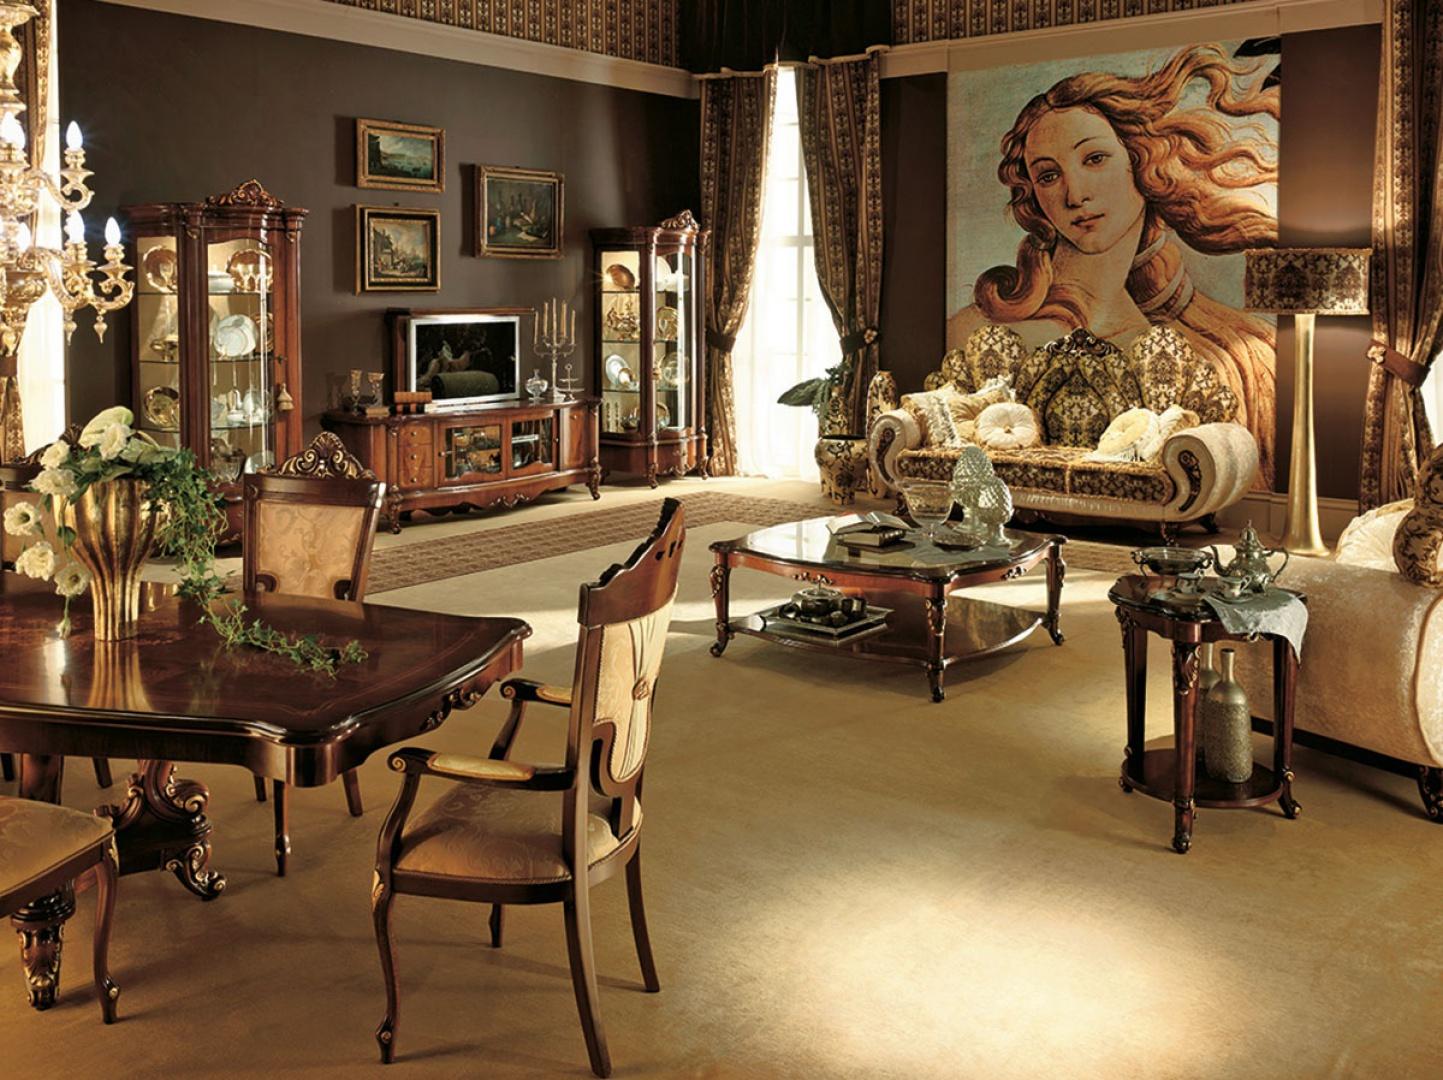 Luksusowy salon w klasycznym wydaniu. Fot. Treci.it.